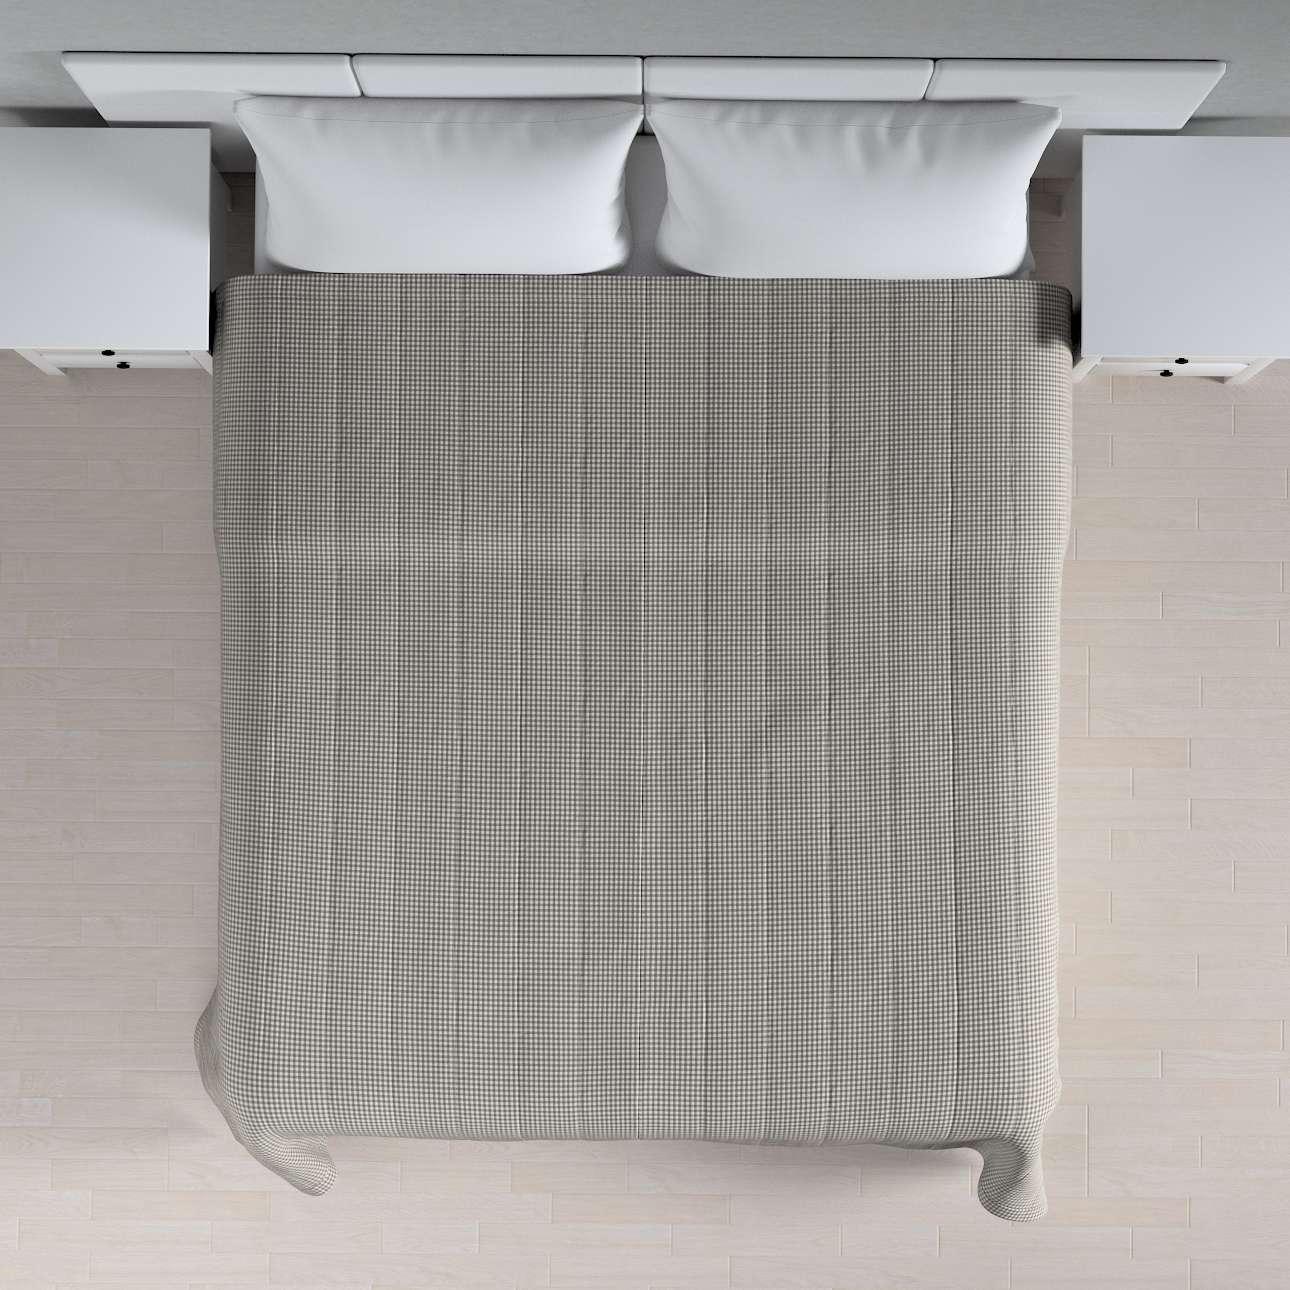 Narzuta pikowana w pasy szer.260 x dł.210 cm w kolekcji Quadro, tkanina: 136-10